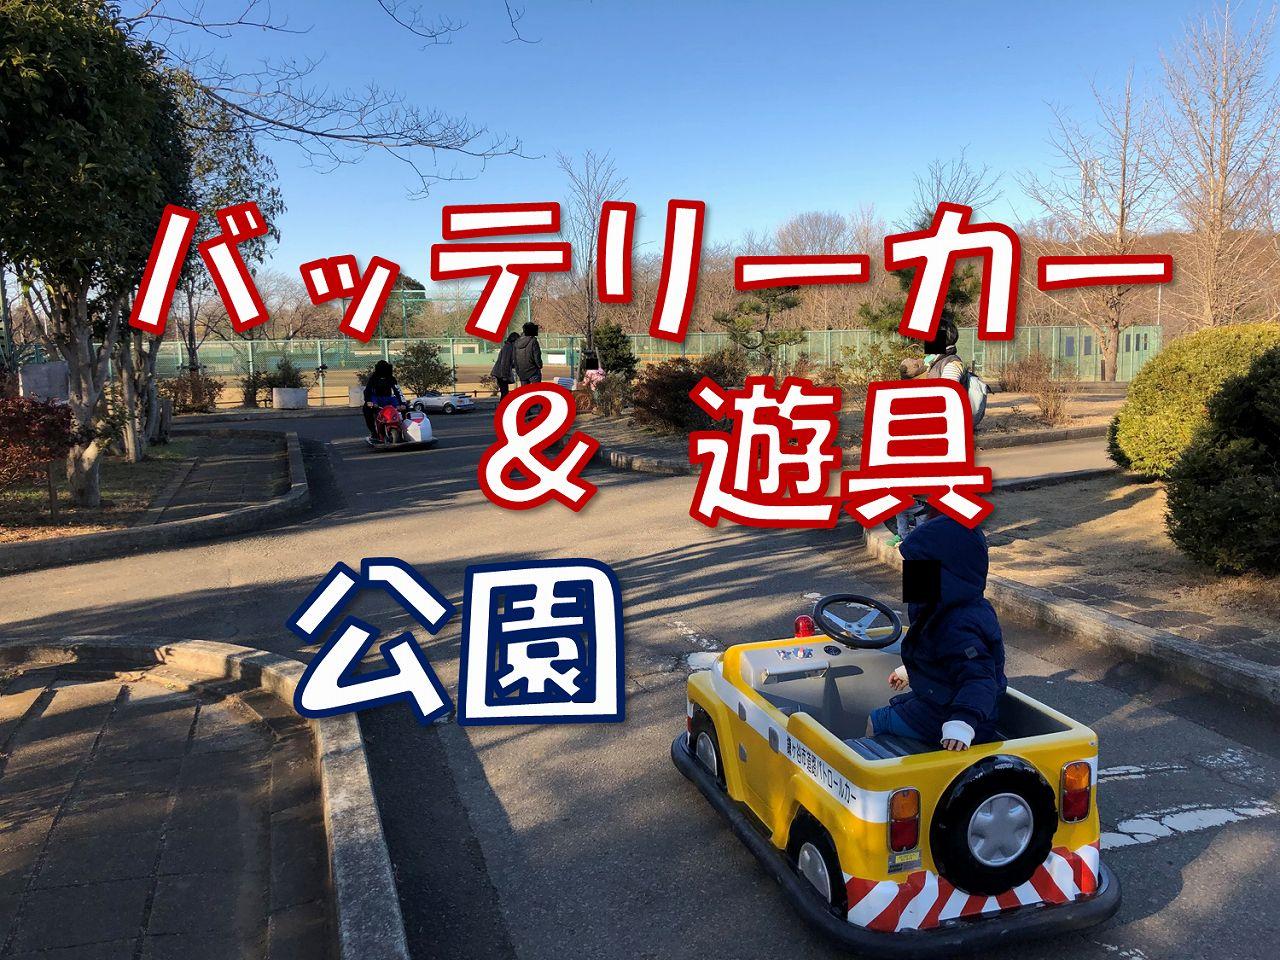 鎌ヶ谷市制記念公園のアスレチックがすごい!バッテリーカーも乗れる